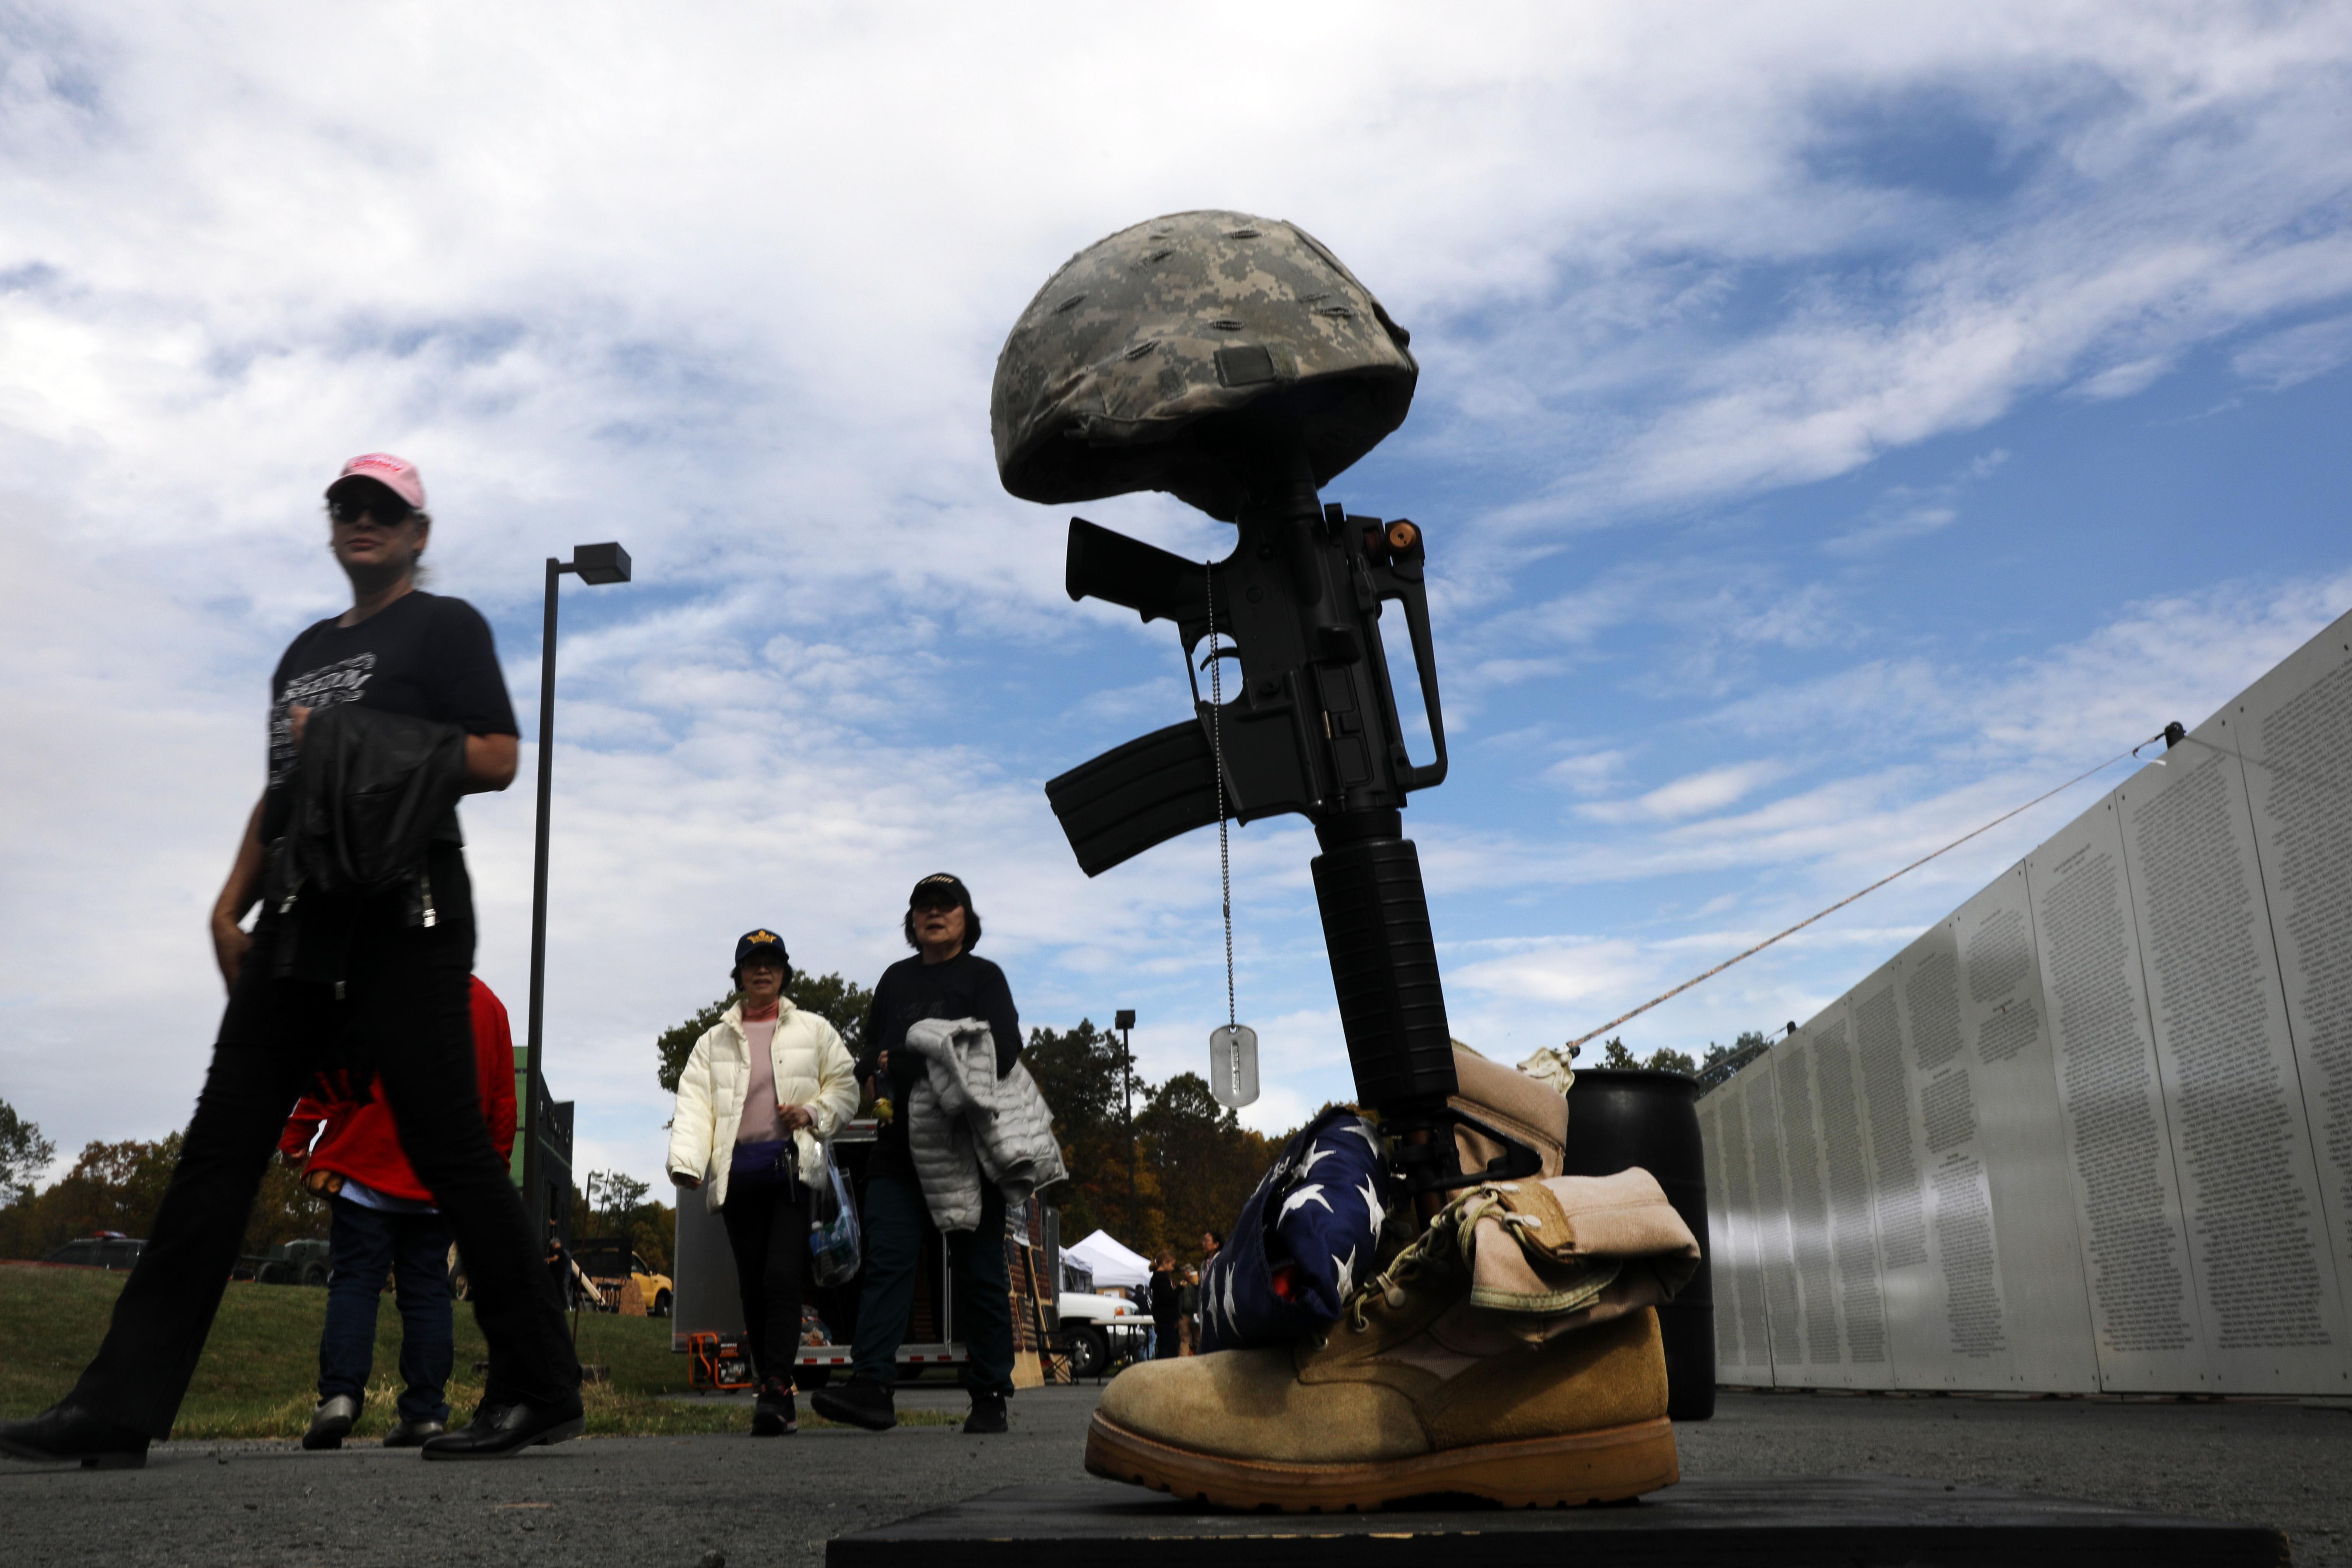 Csődöt jelentett az amerikai fegyverszövetség, Texasba menekülne a New York-i ügyészség elől